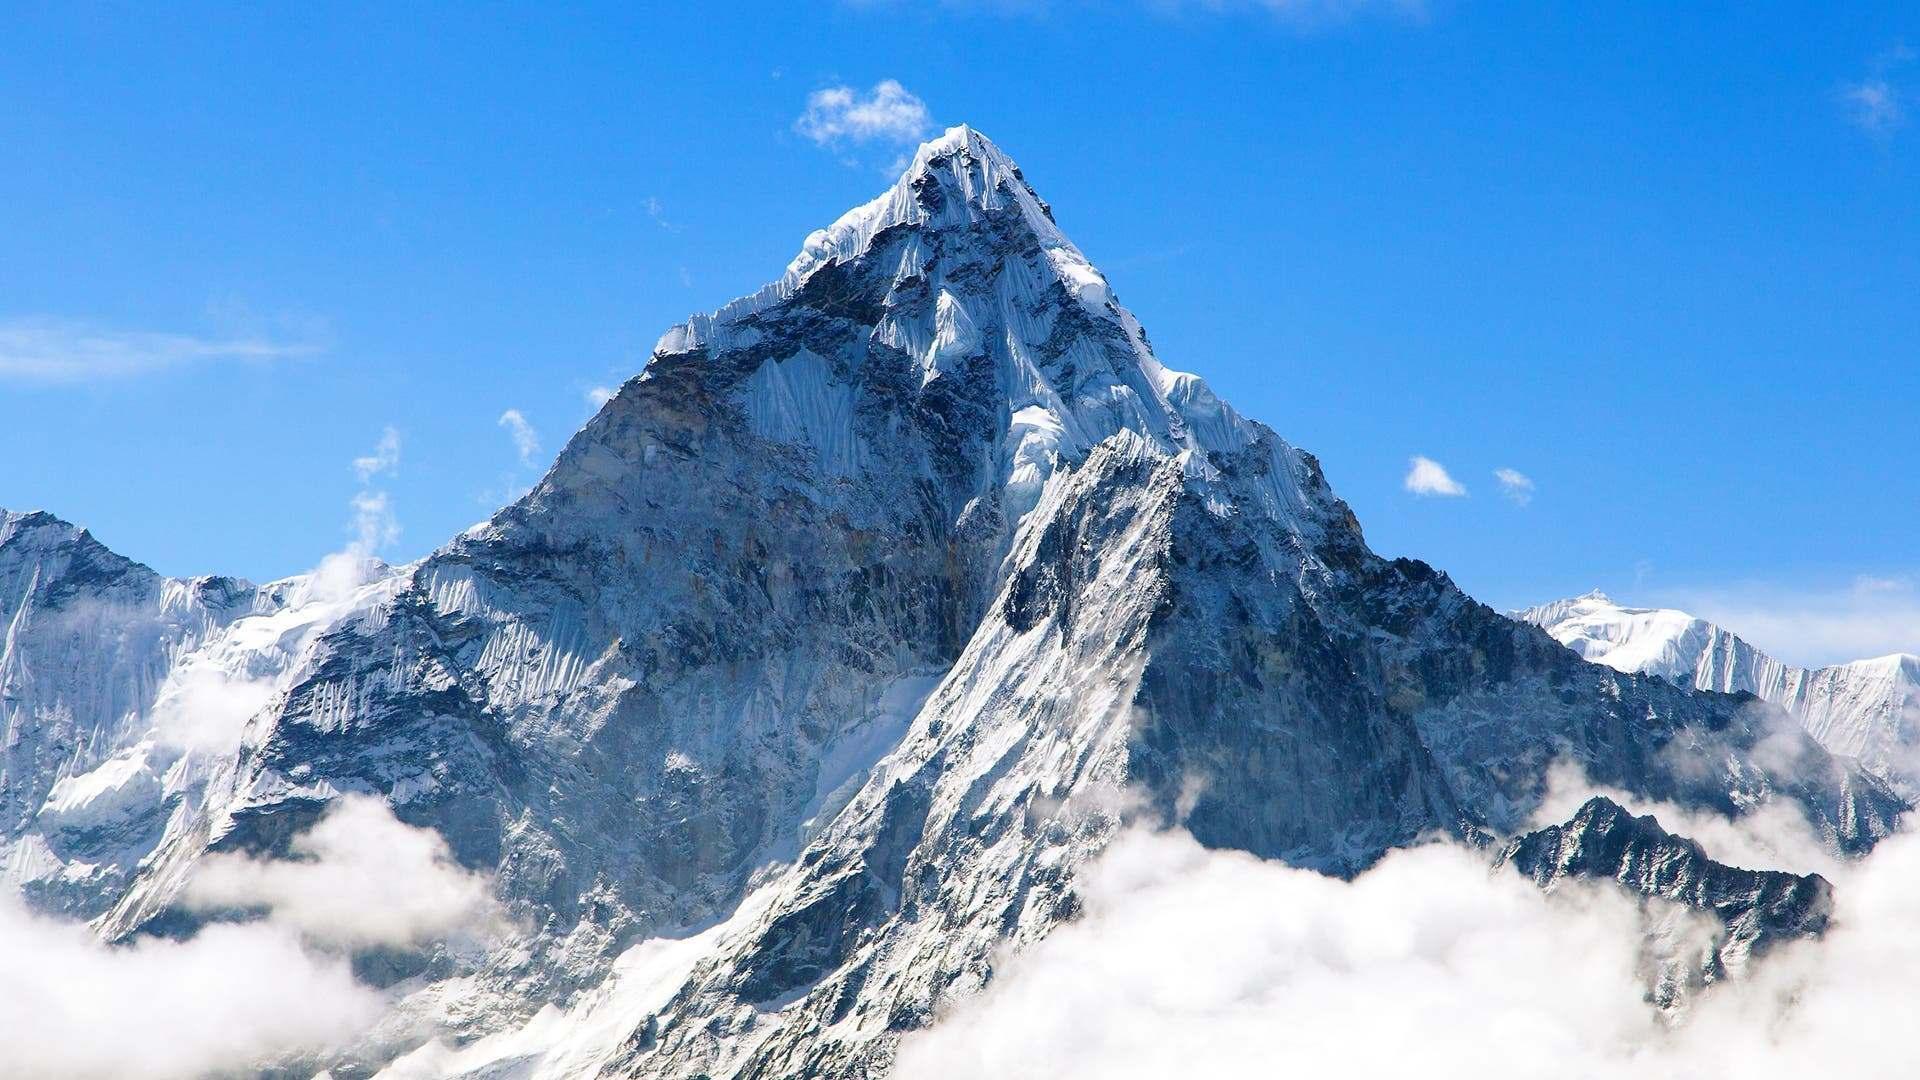 Trung Quốc và Nepal thống nhất độ cao mới của đỉnh Everest | Môi trường | Vietnam+ (VietnamPlus)